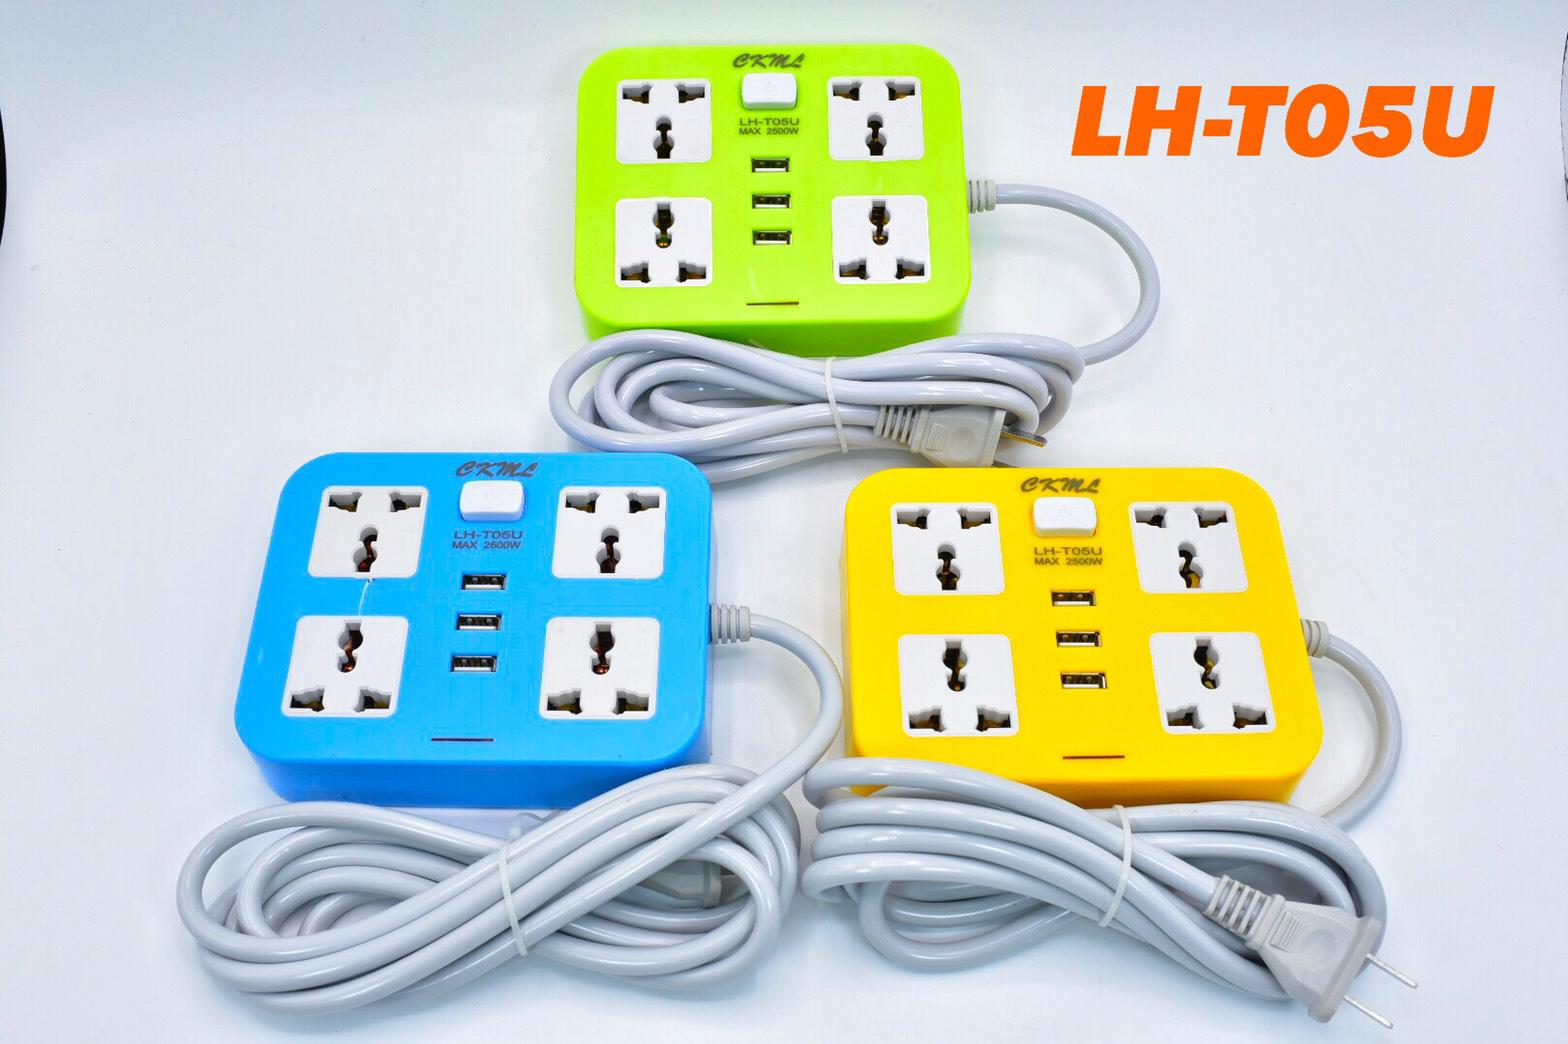 รางปลั๊กไฟ CKML รุ่น LH-T05U